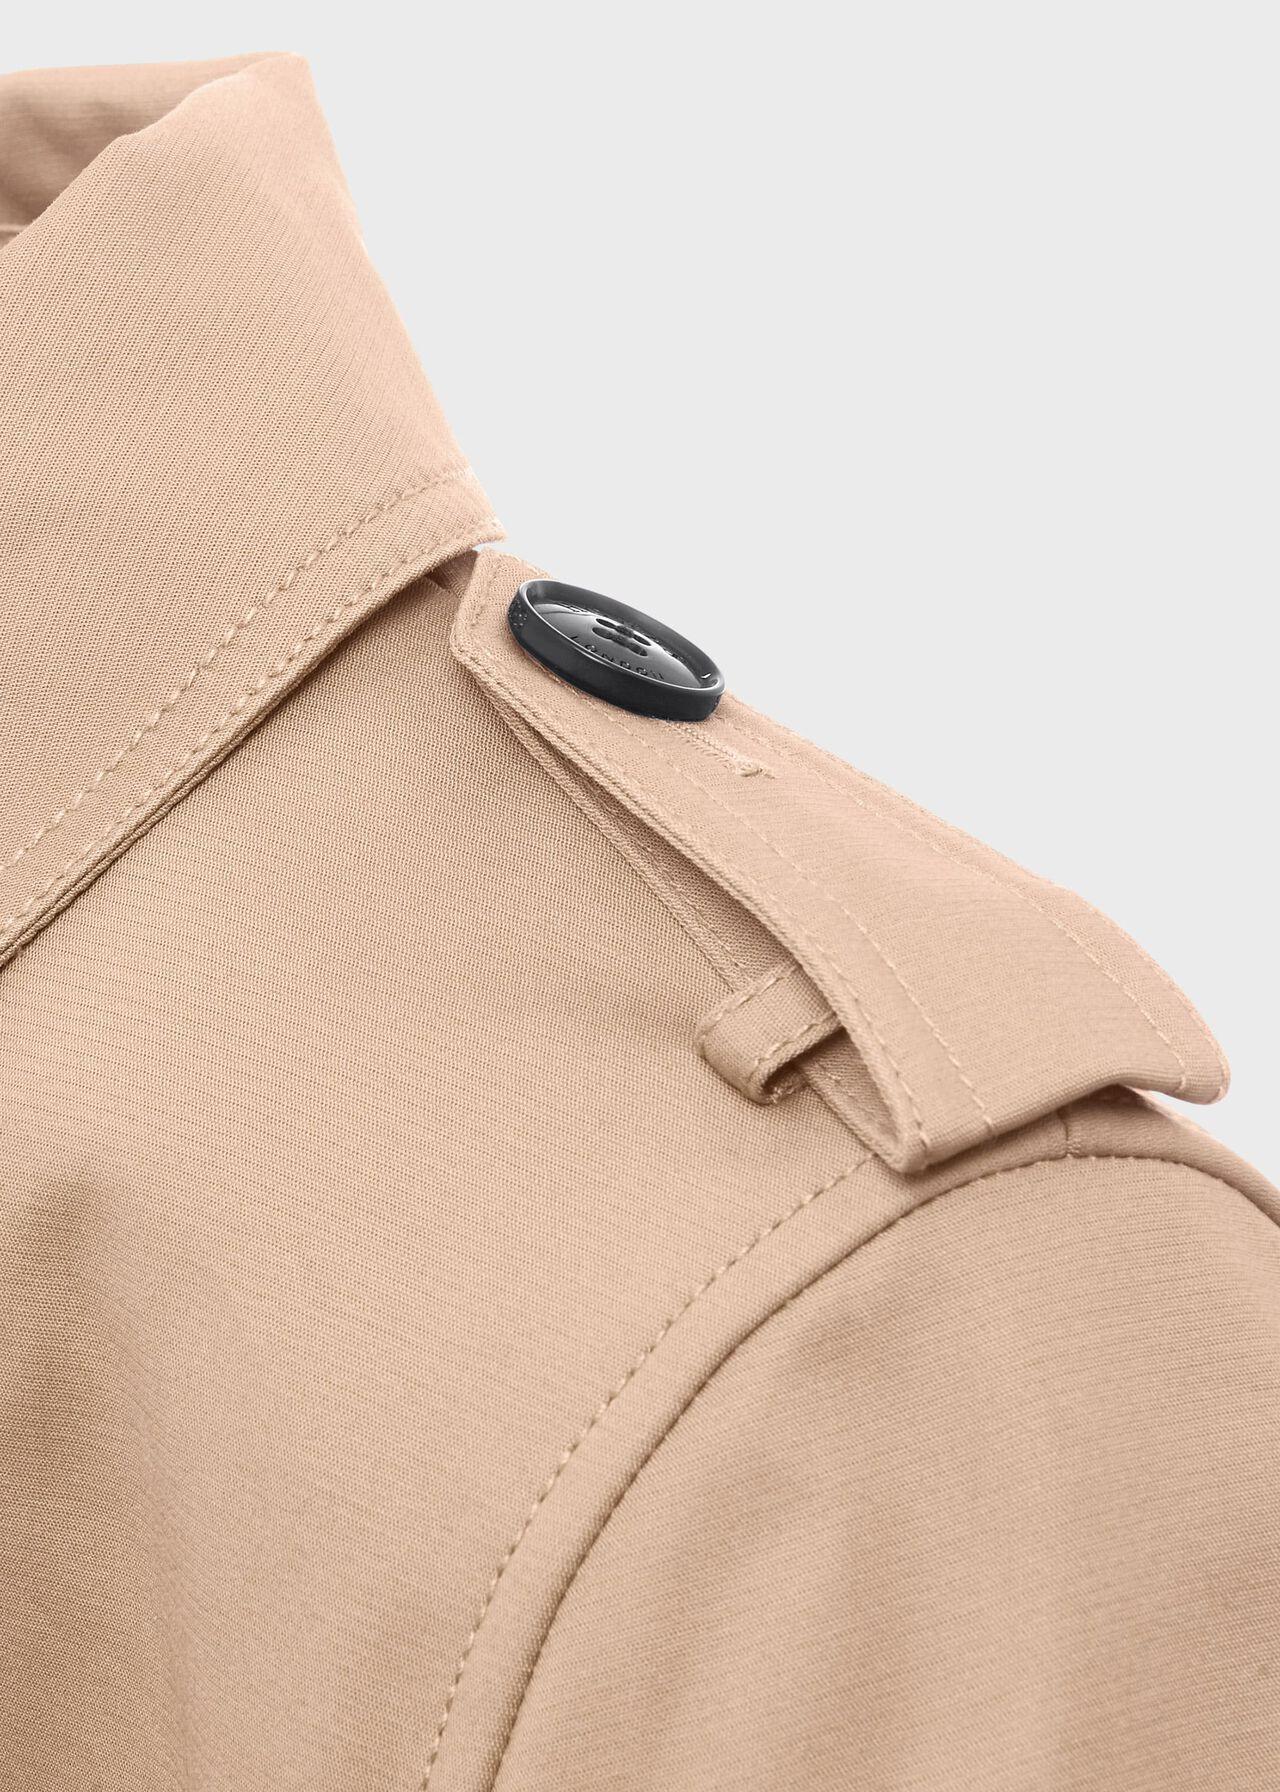 Saskia Water Resistant Trench Coat, Tan, hi-res